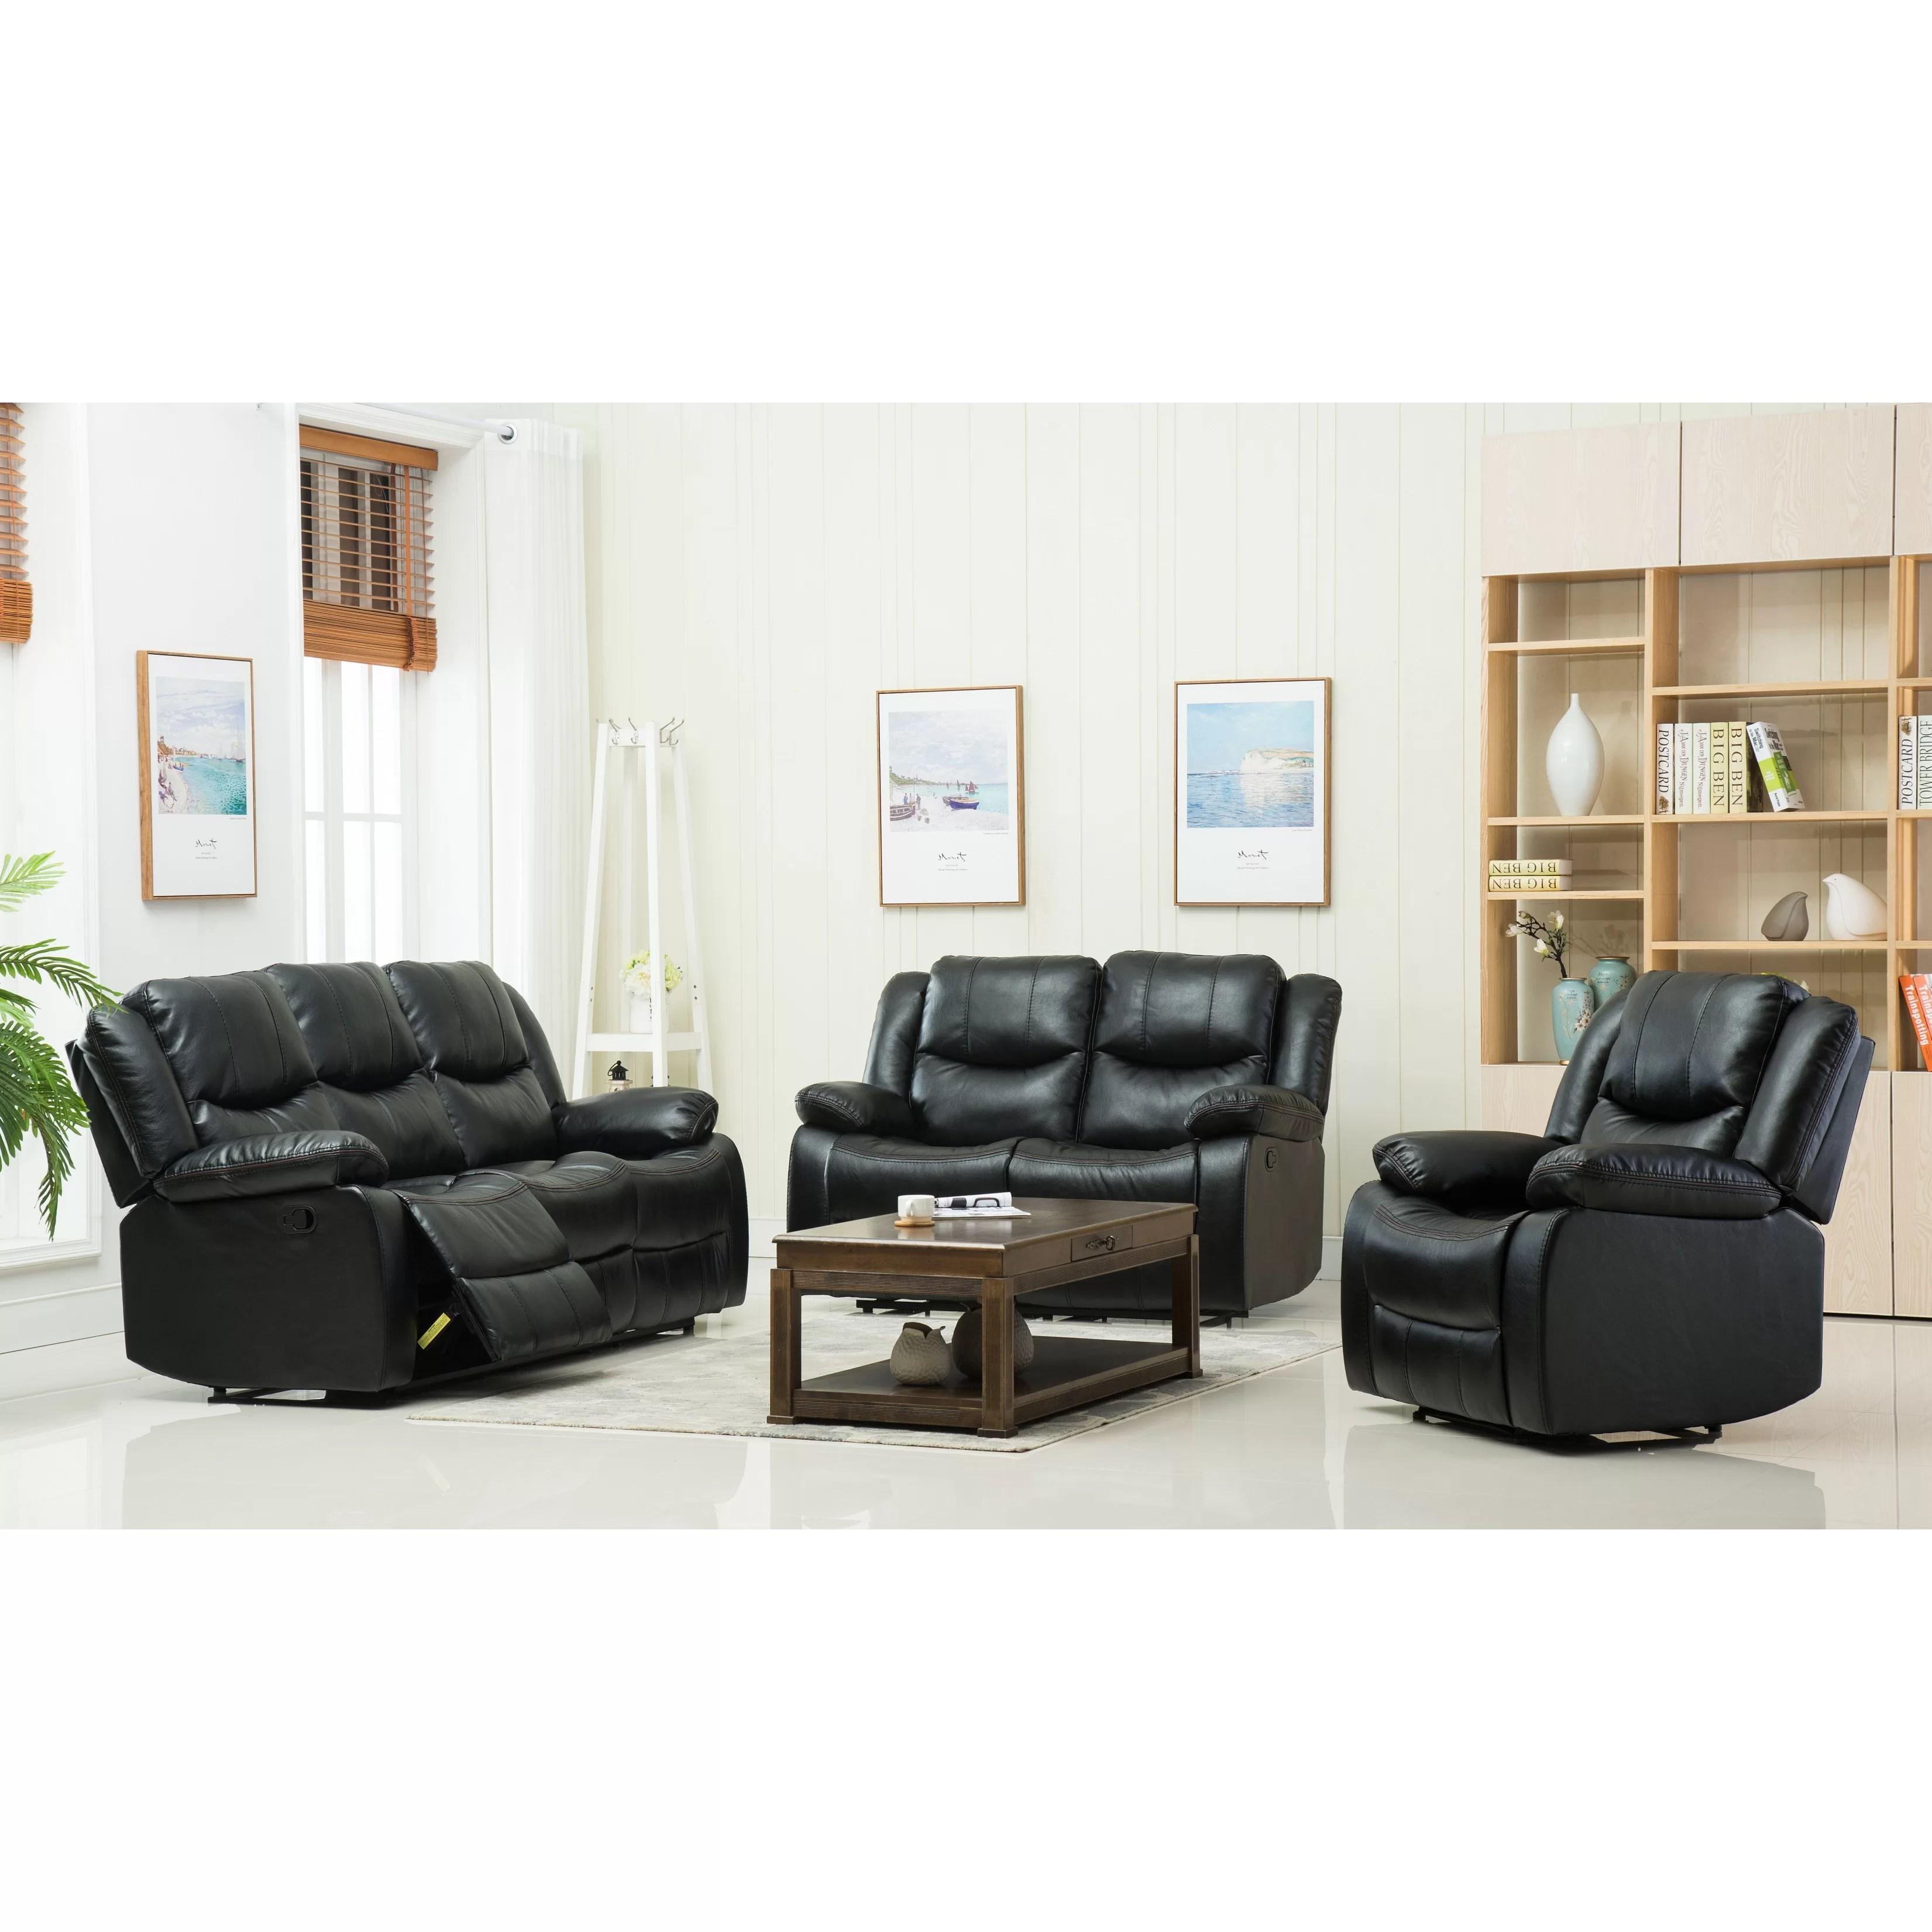 Three Piece Living Room Set